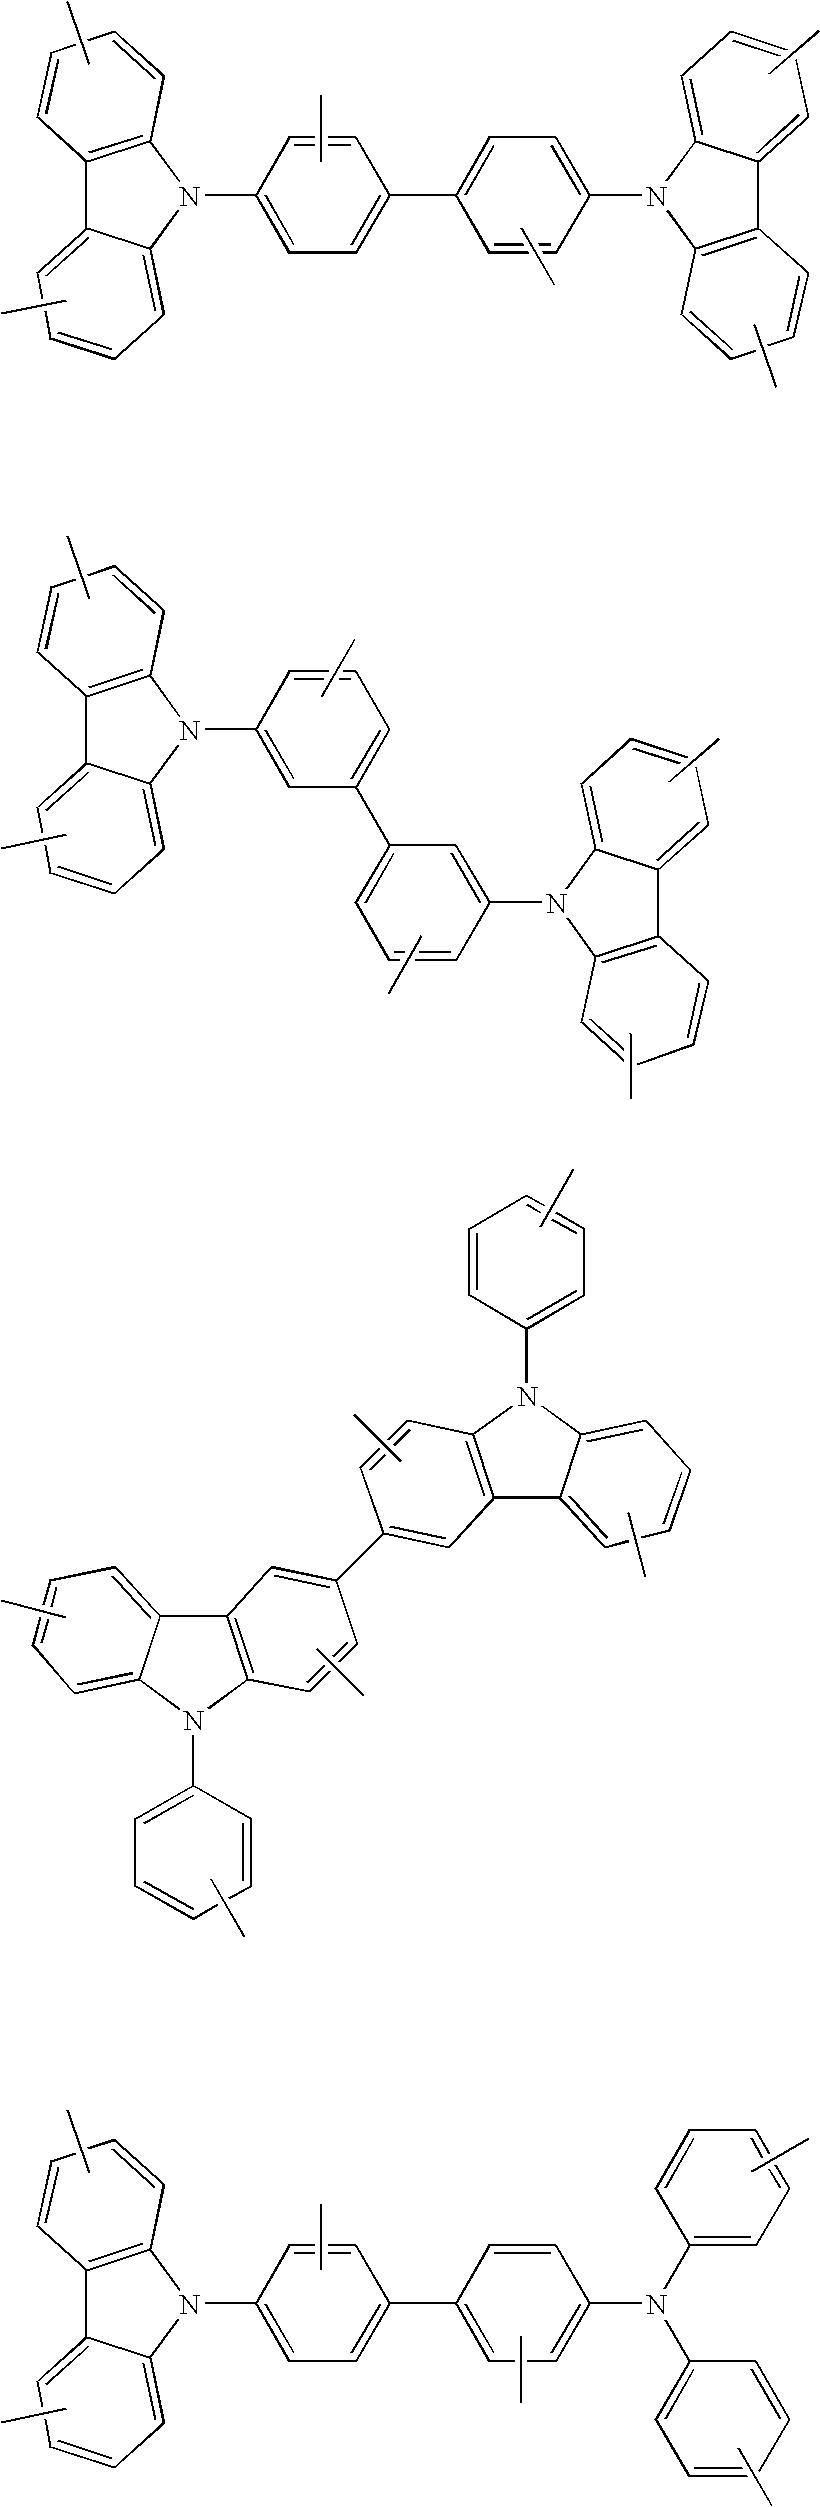 Figure US20070296332A1-20071227-C00027